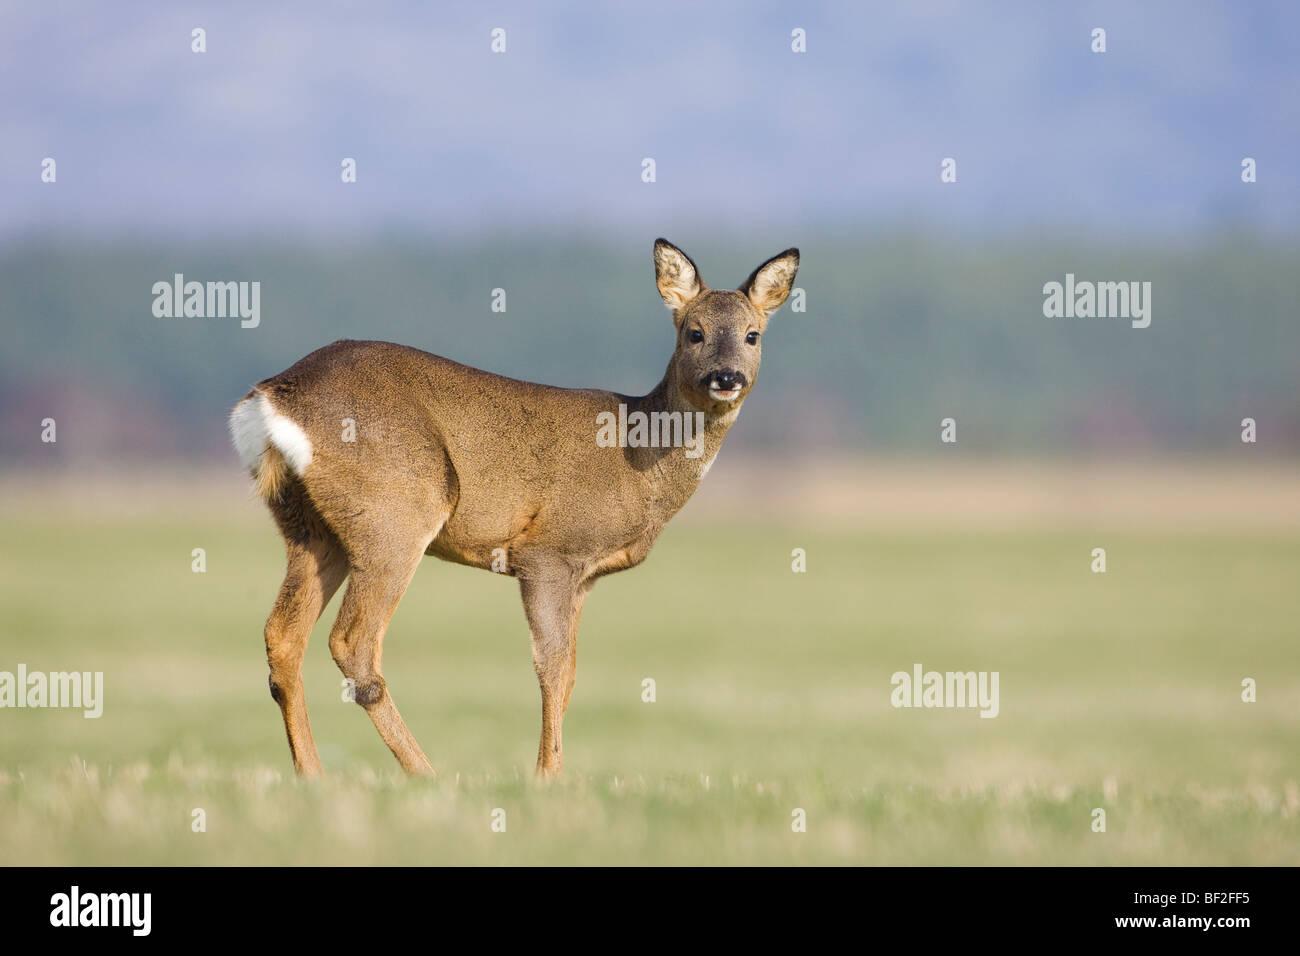 European Roe Deer (Capreolus capreolus), doe in field. Stock Photo